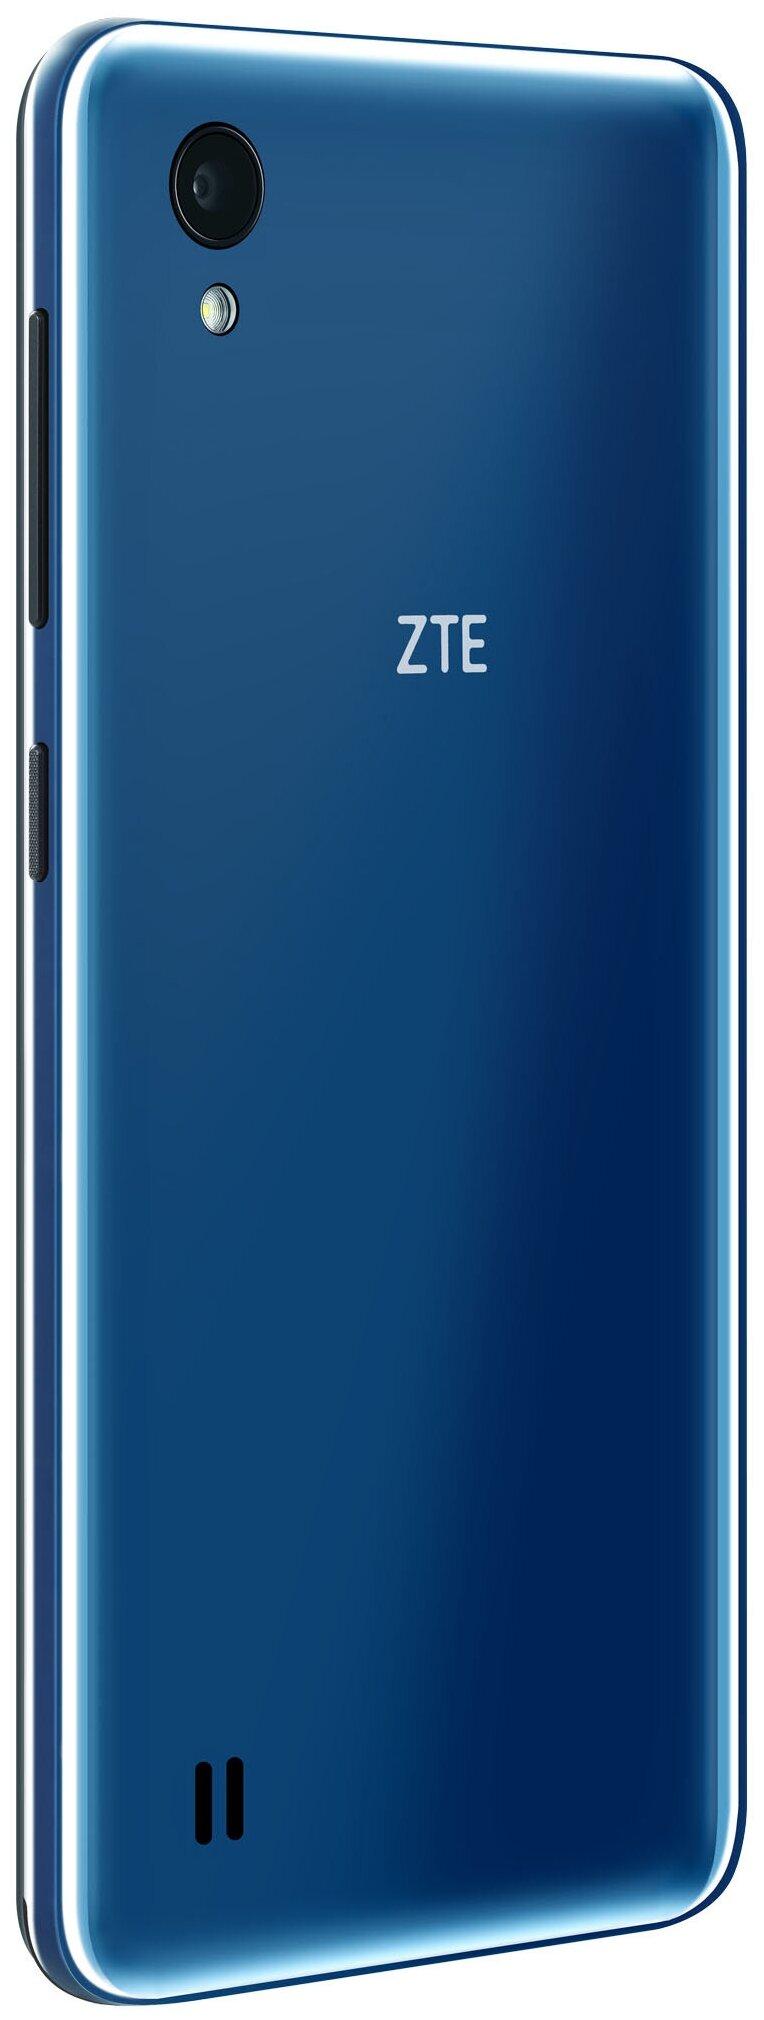 ZTE Blade A5 (2019) 2/32GB - интернет: 4G LTE